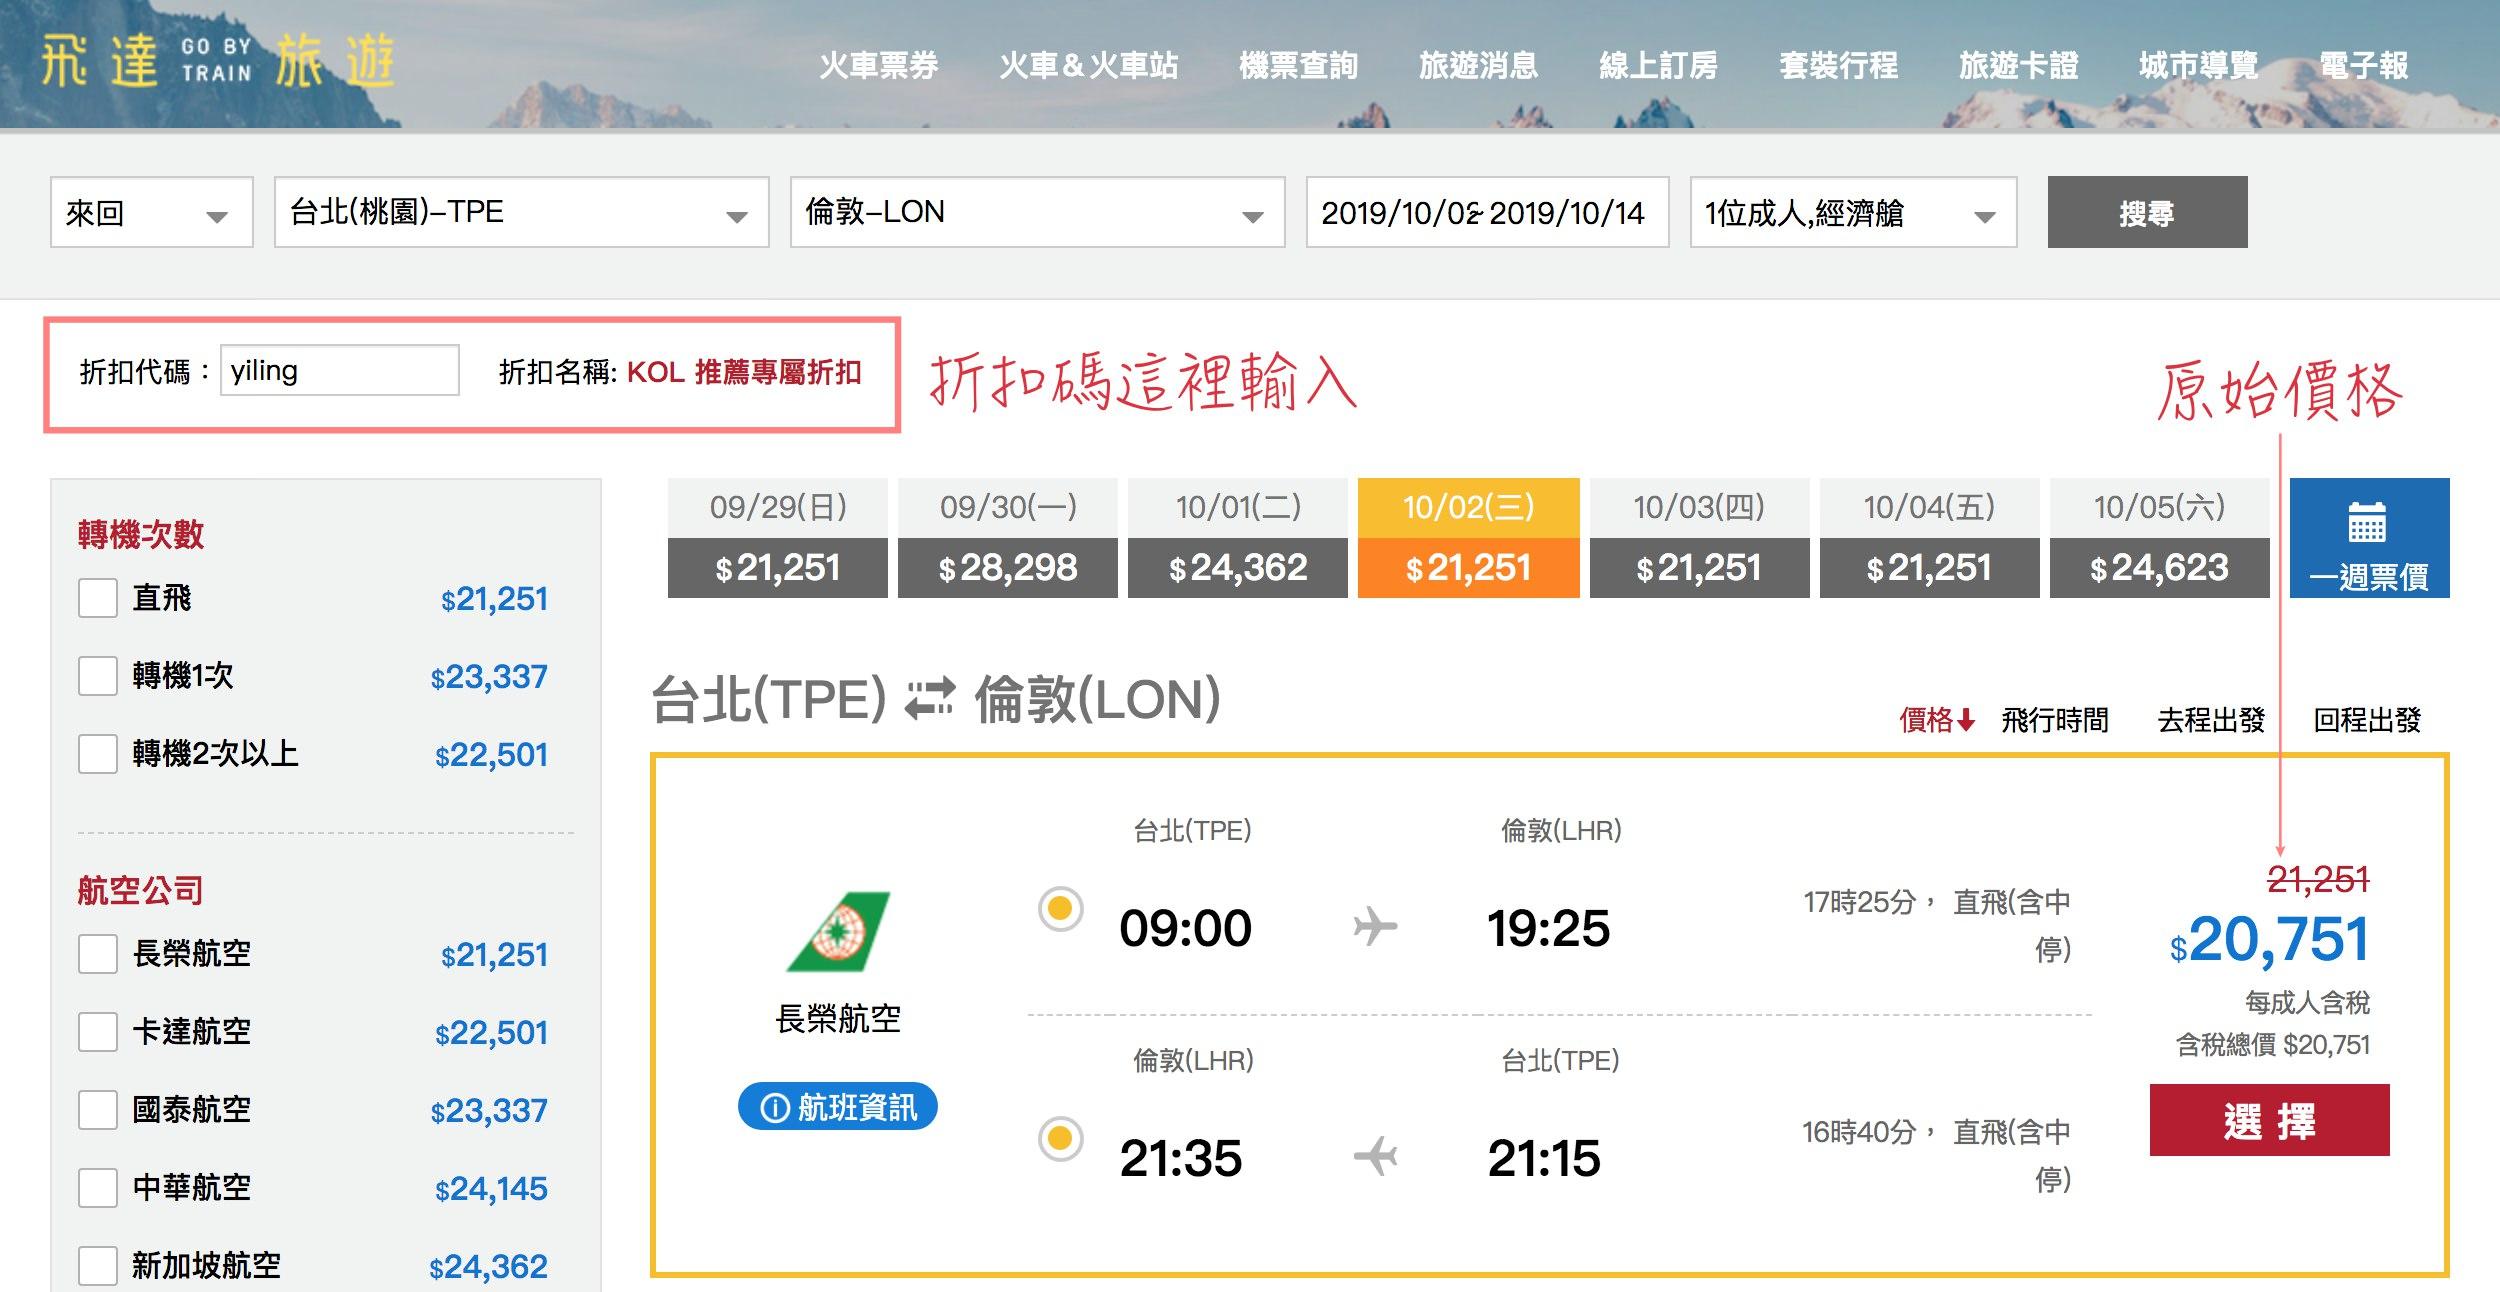 歐洲機票比較網站 飛達旅遊機票查詢 專屬折扣碼再折500元 - 蔡小妞依玲